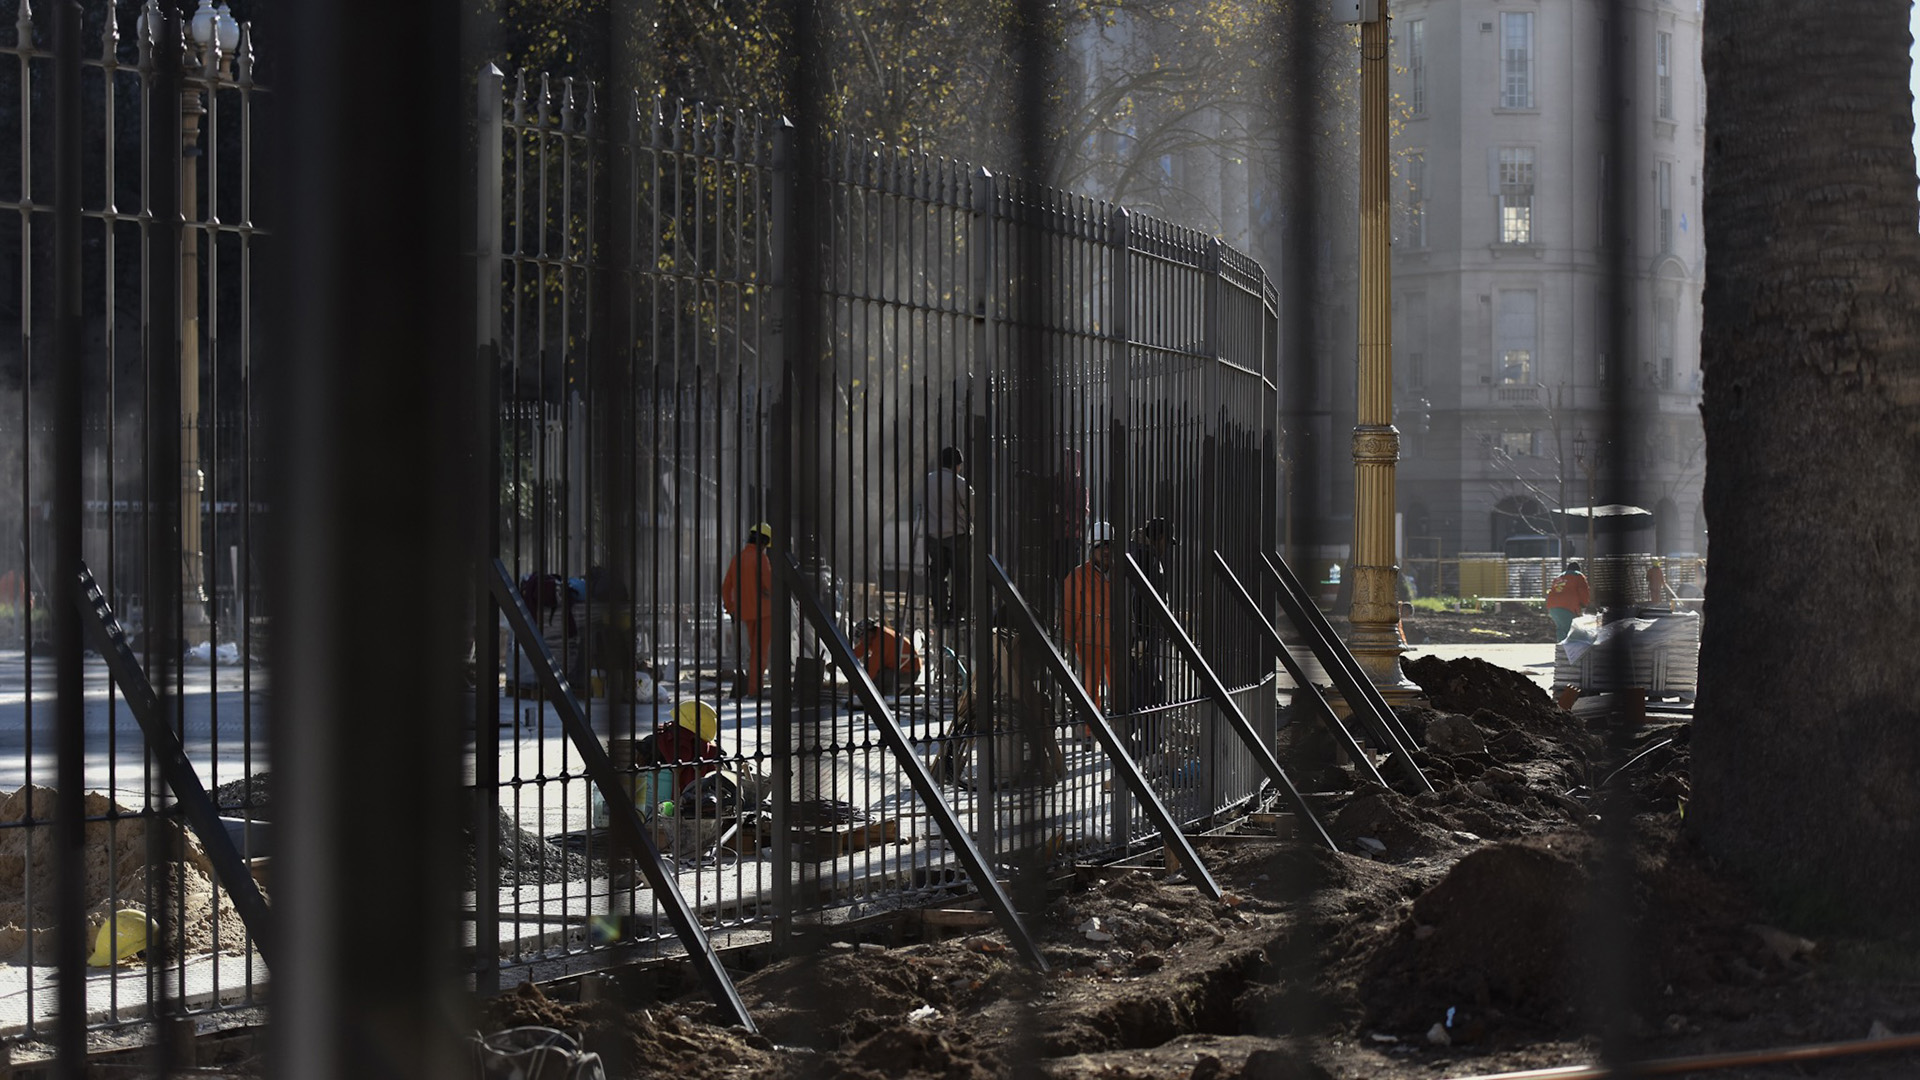 El cerco se instalará en forma transversal desde Hipólito Yrigoyen hasta Rivadavia